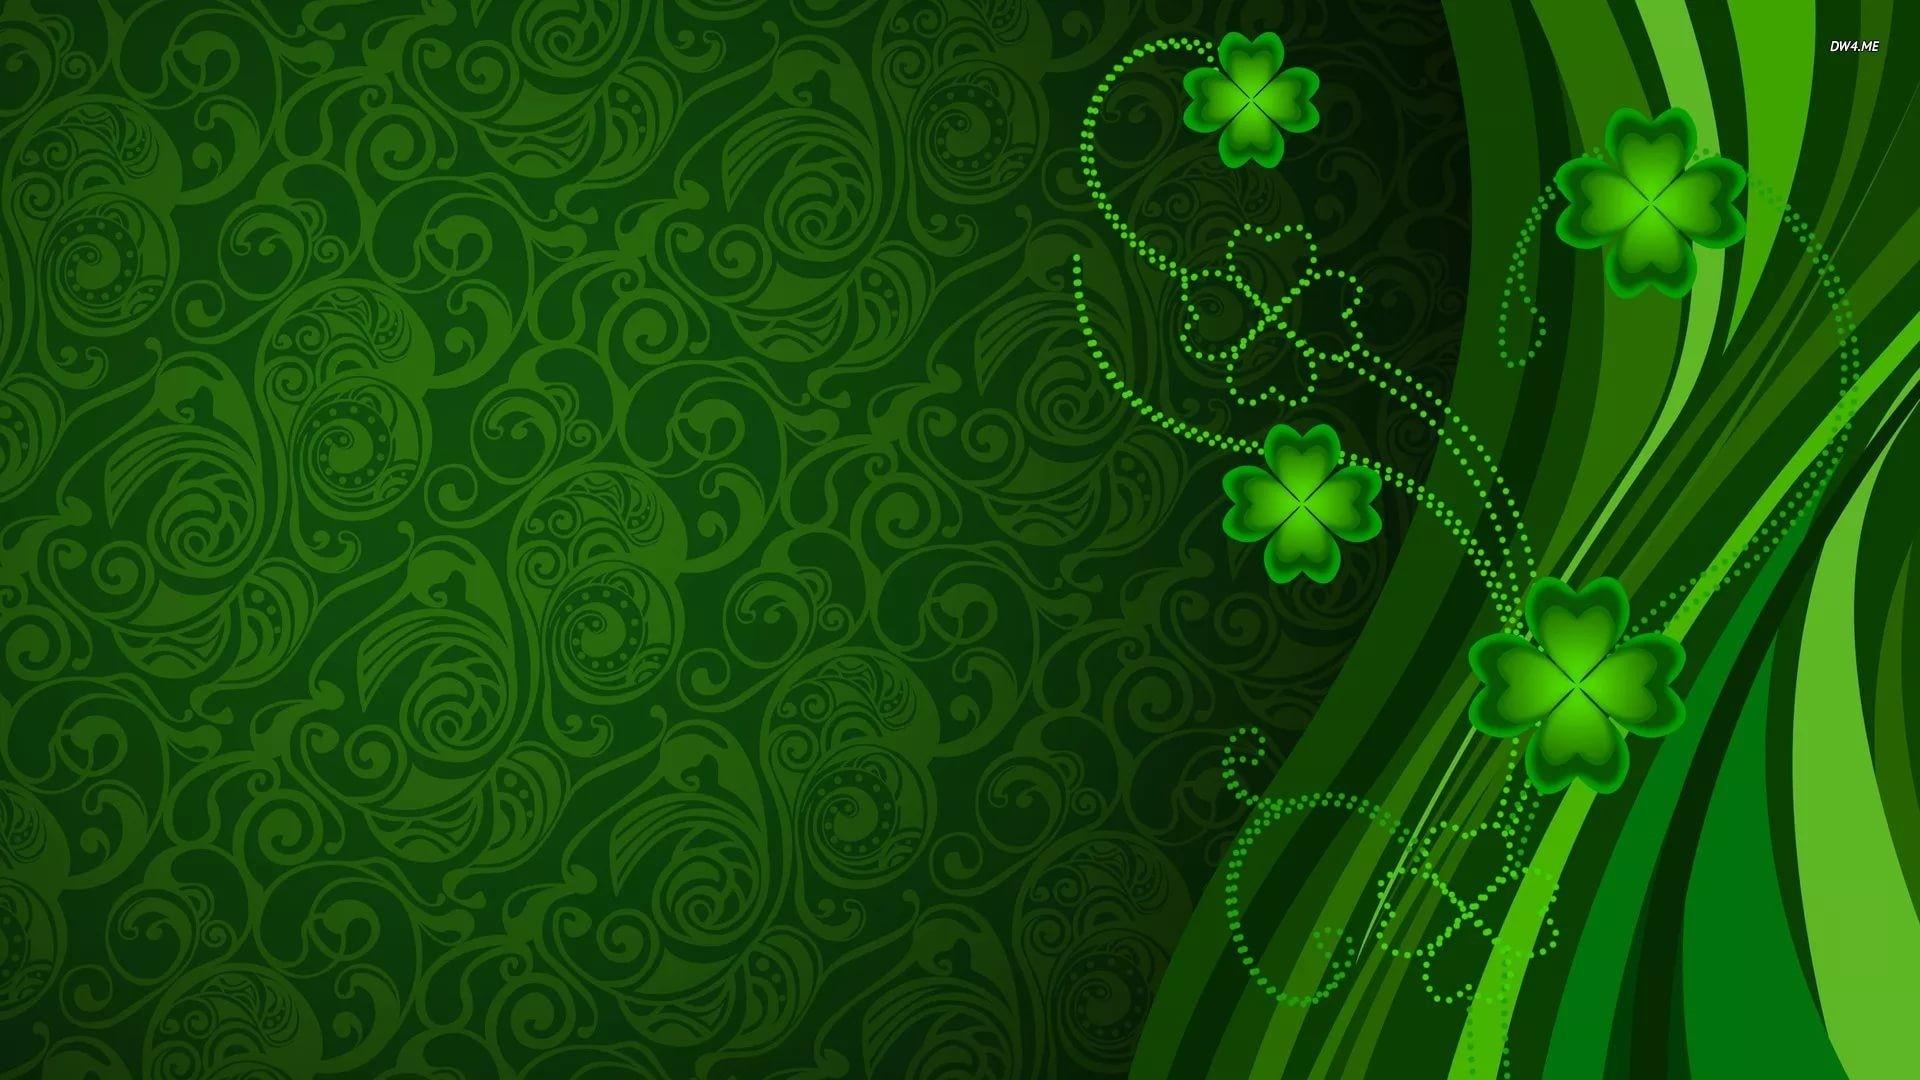 Green Clover wallpaper for computer